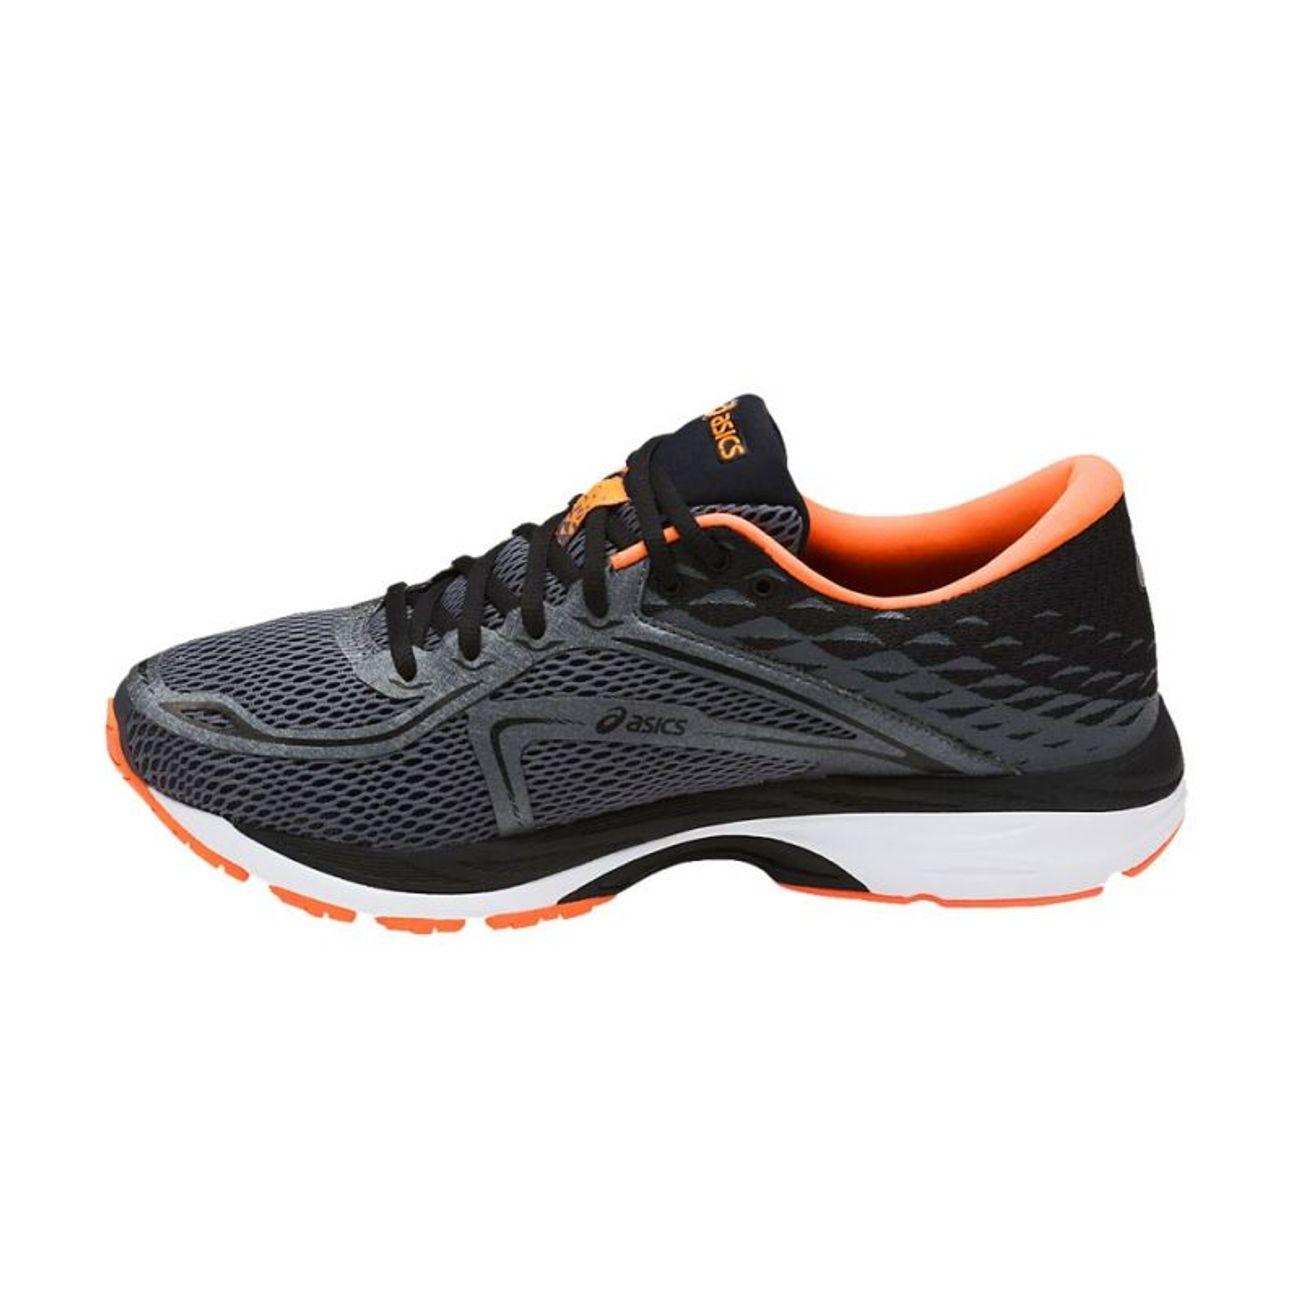 H gris Cumulus Running T7b3n Noir 19 Chaussures De 9790 Asics Gel LqR4ASc35j